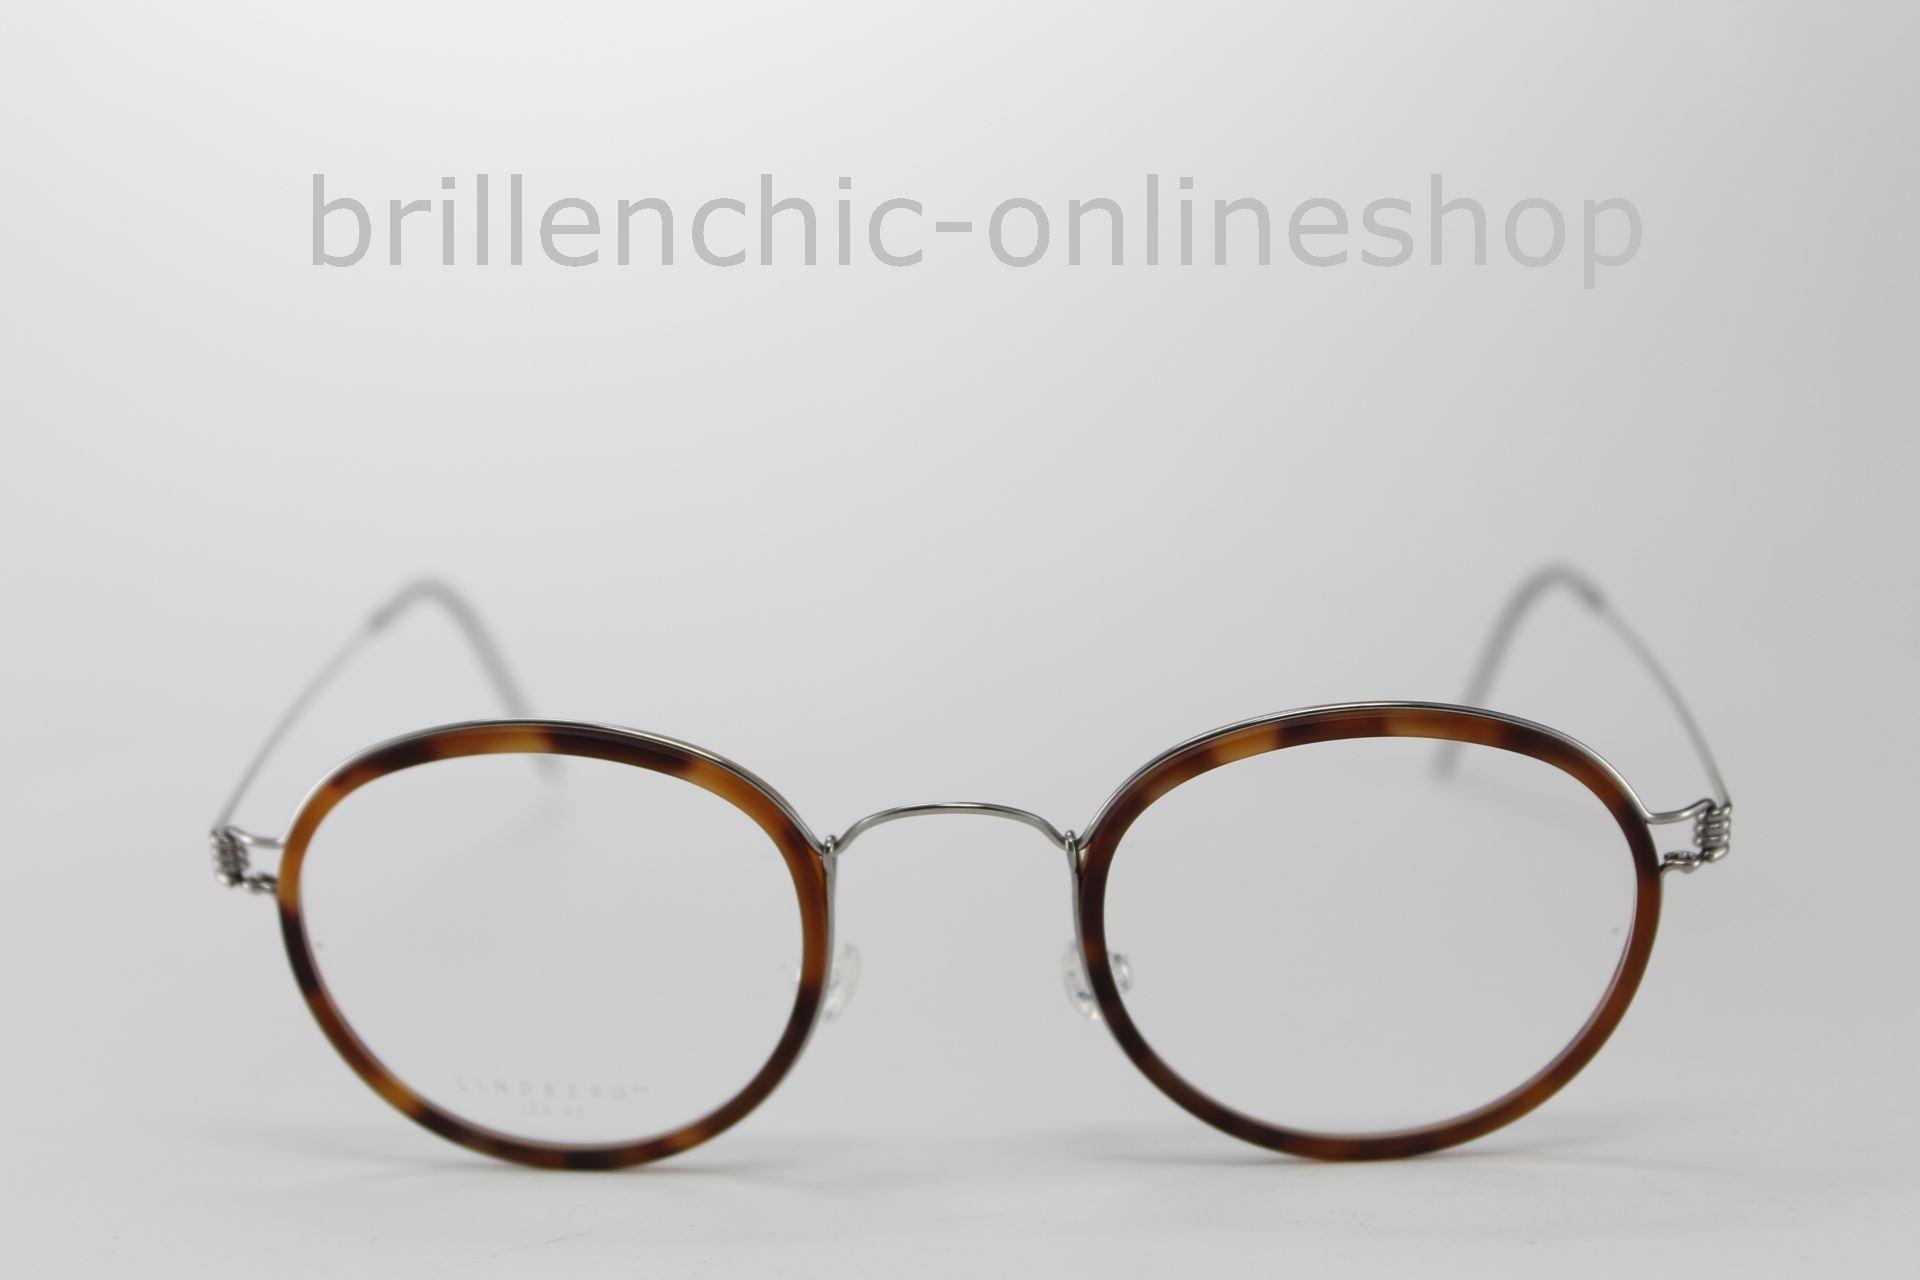 e1b8a591d5f Brillenchic - onlineshop Berlin Ihr starker Partner für exklusive Brillen  online kaufen LINDBERG Rim Titanium LEX K25M P10 exklusiv im Brillenchic-  ...